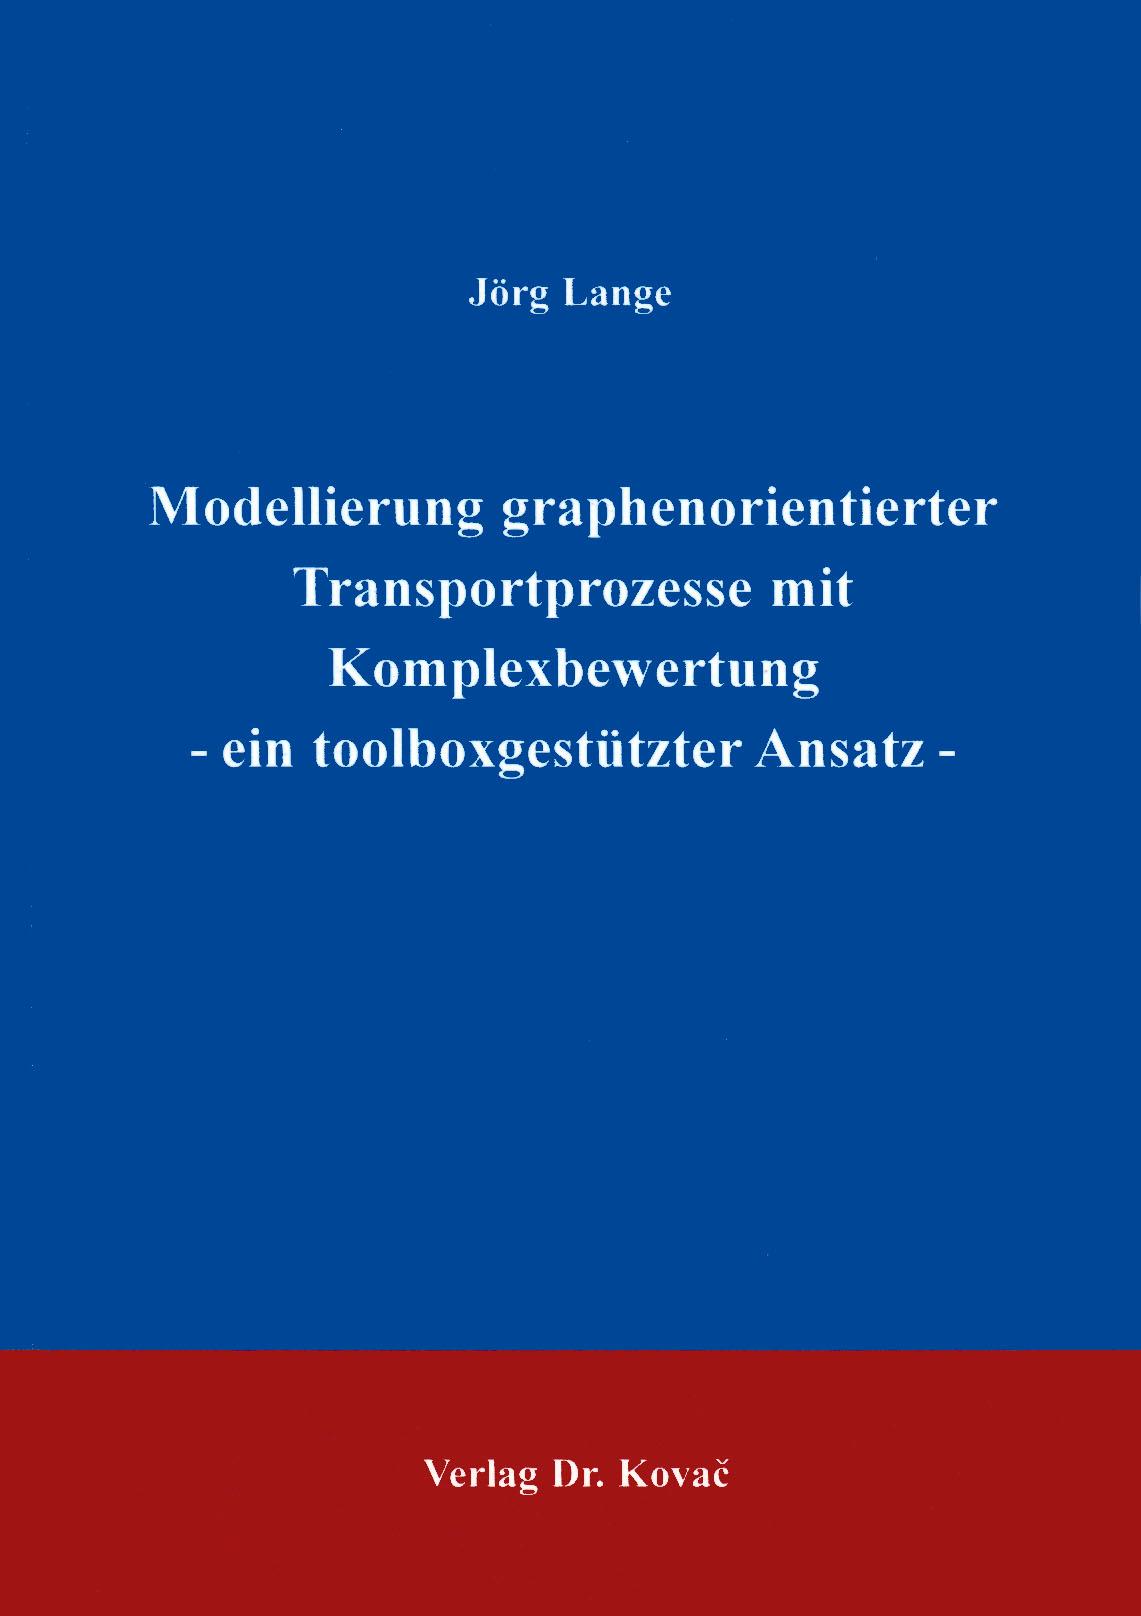 Cover: Modellierung graphenorientierter Transportprozesse mit Komplexbewertung